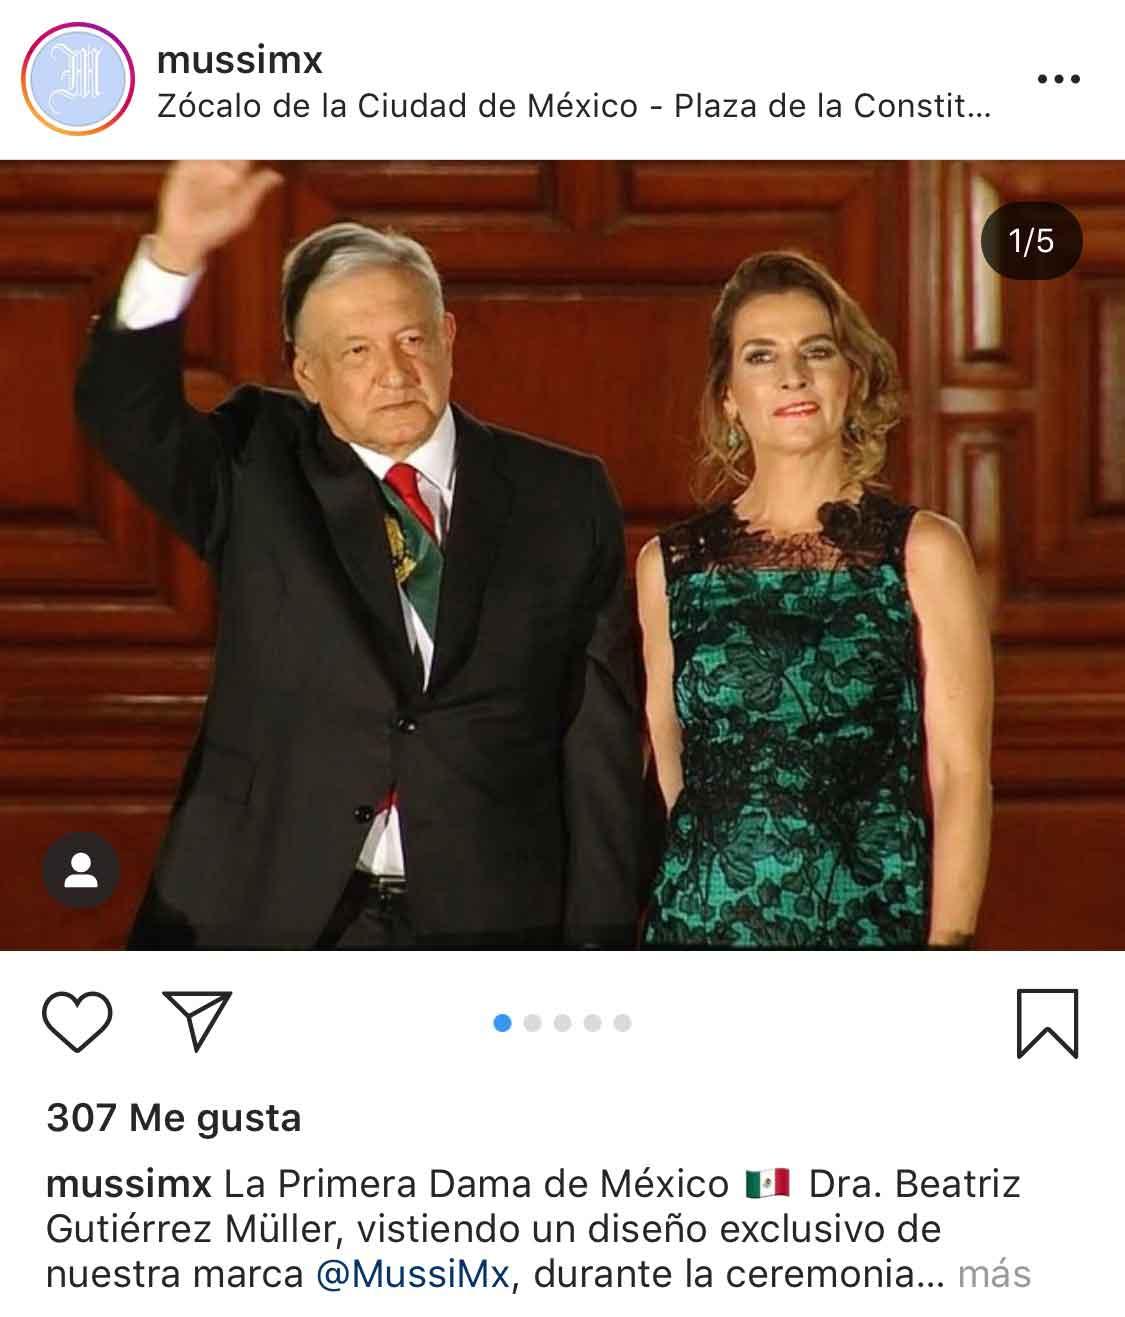 La Marca Del Vestido Y Traje Que Usó Beatriz Gutiérrez En